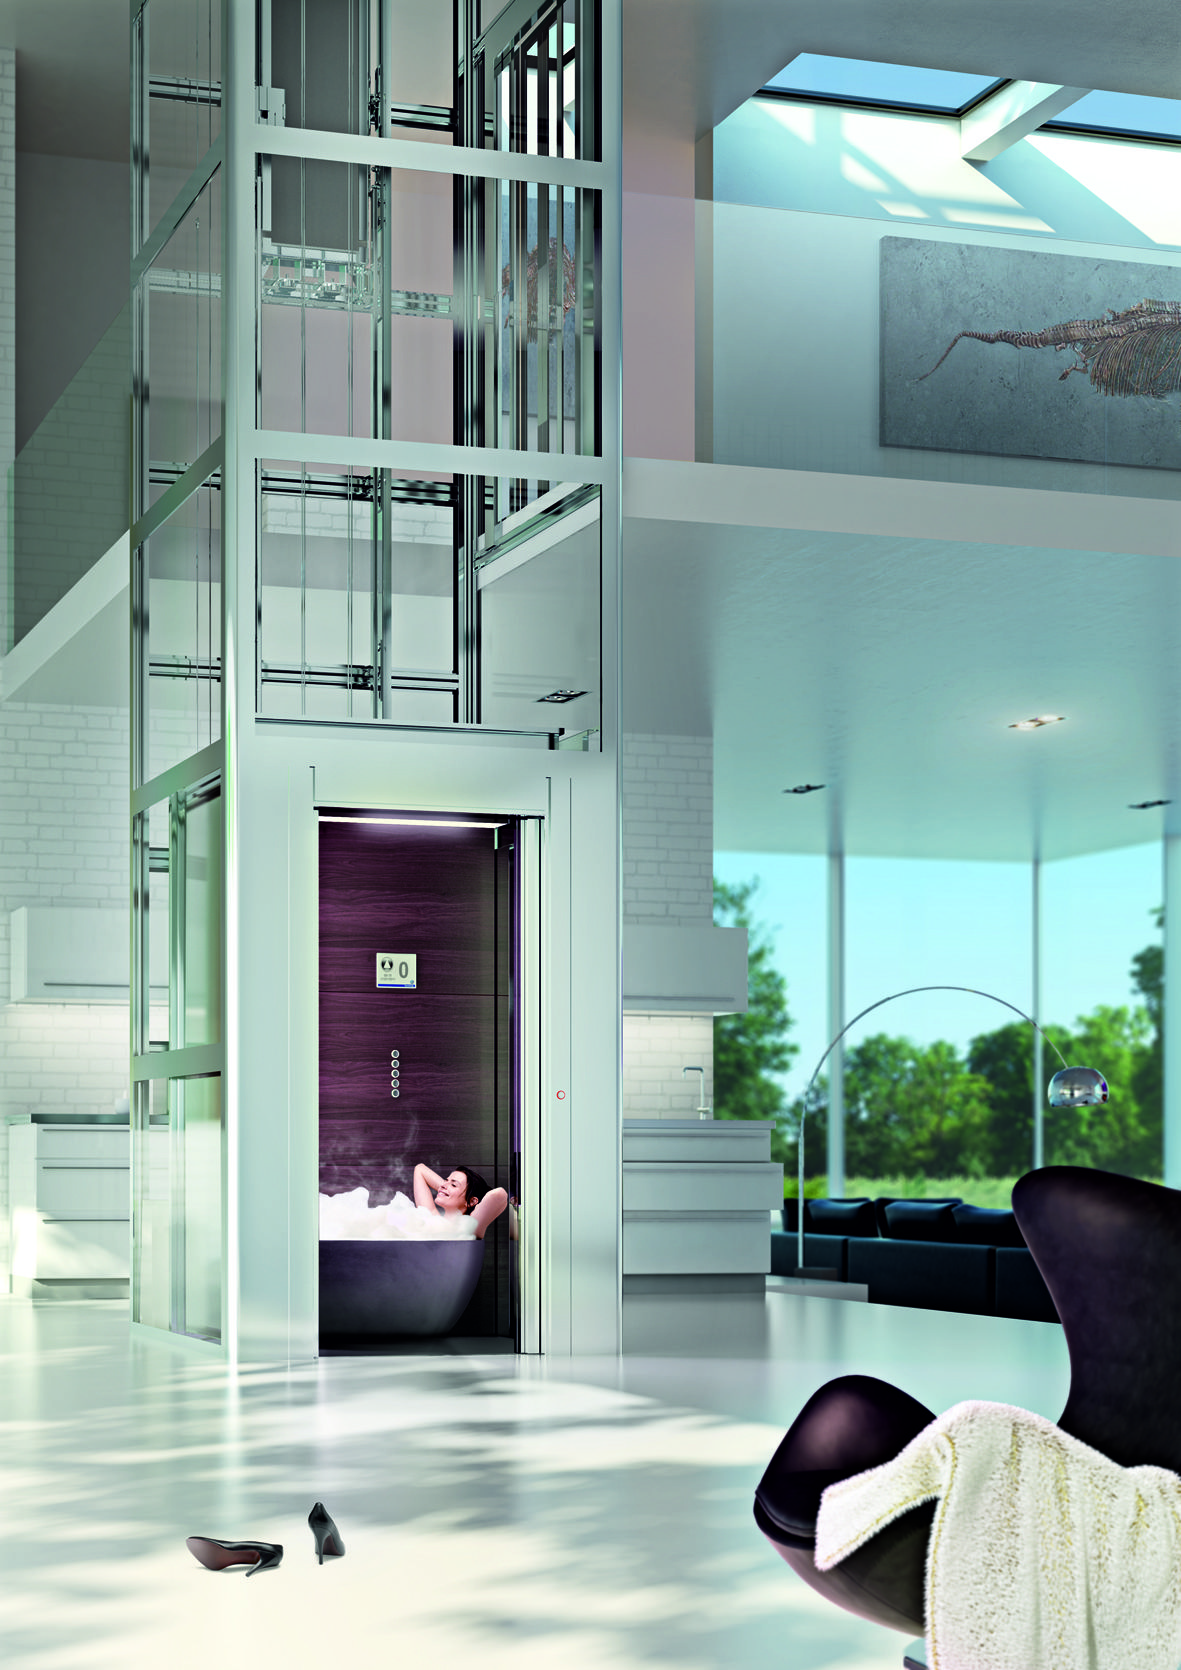 thyssenkrupp encasa he 7 home elevator glass elevator. Black Bedroom Furniture Sets. Home Design Ideas